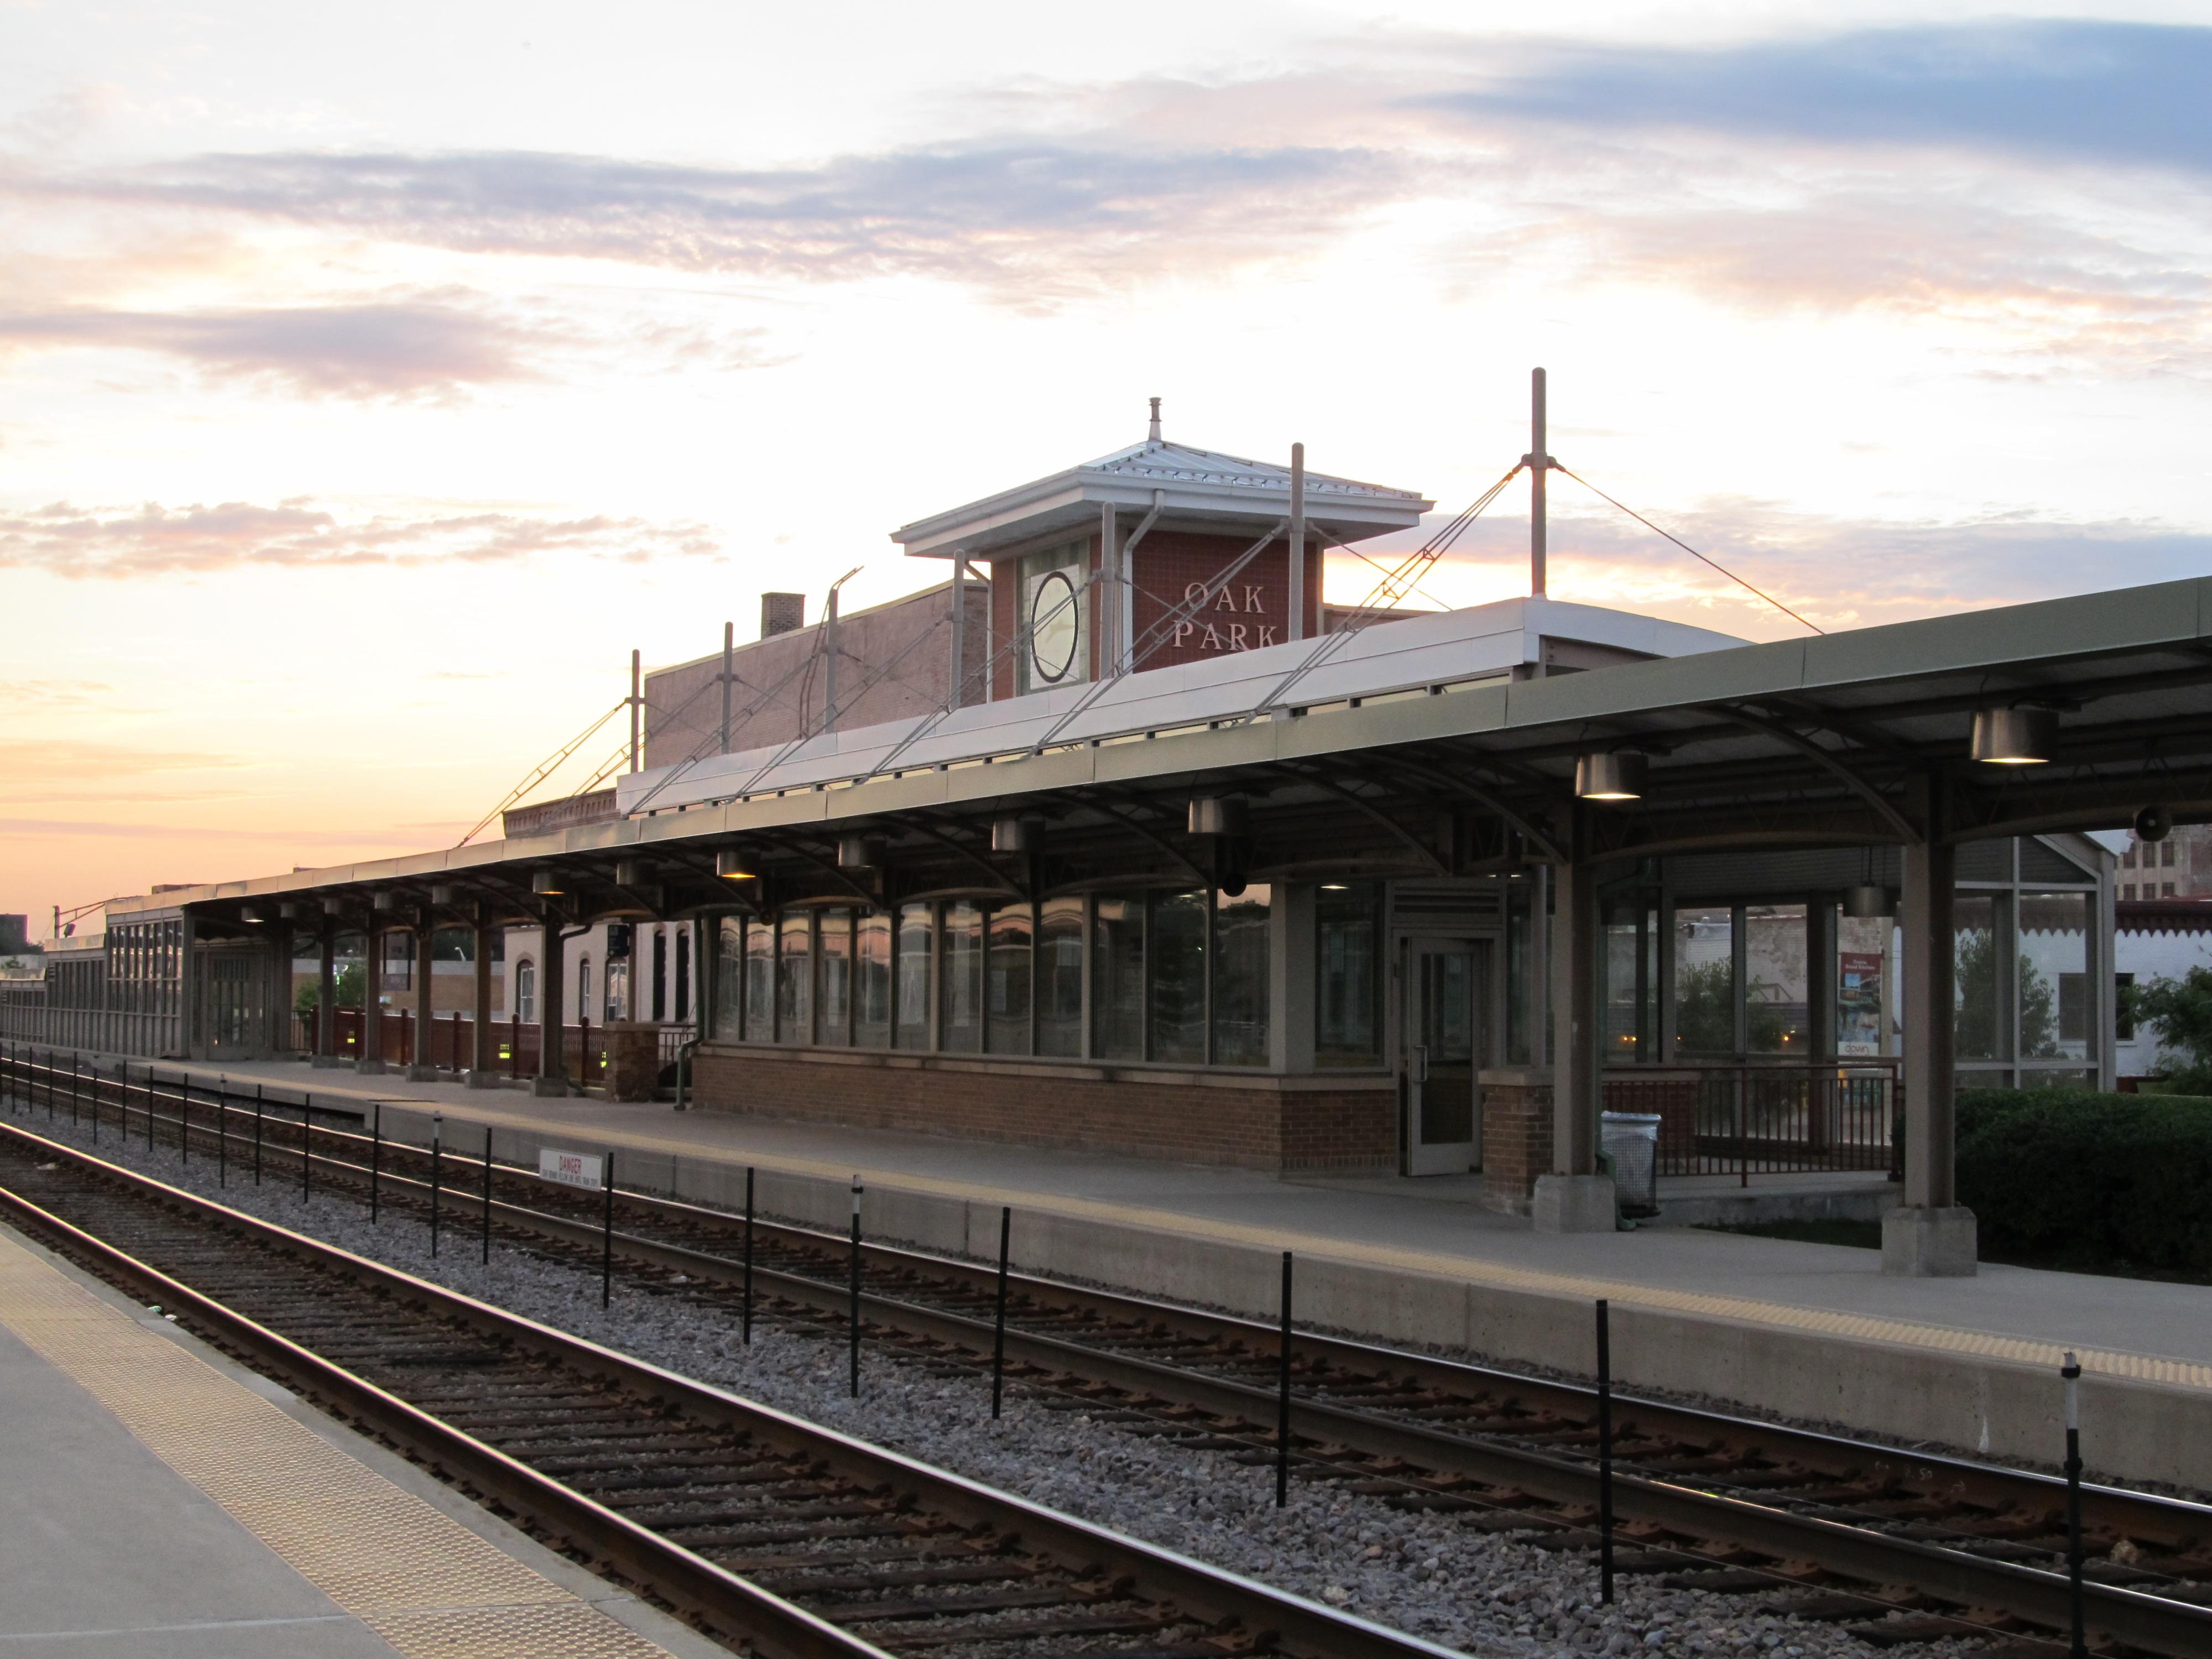 Oak Park station - Wikipedia